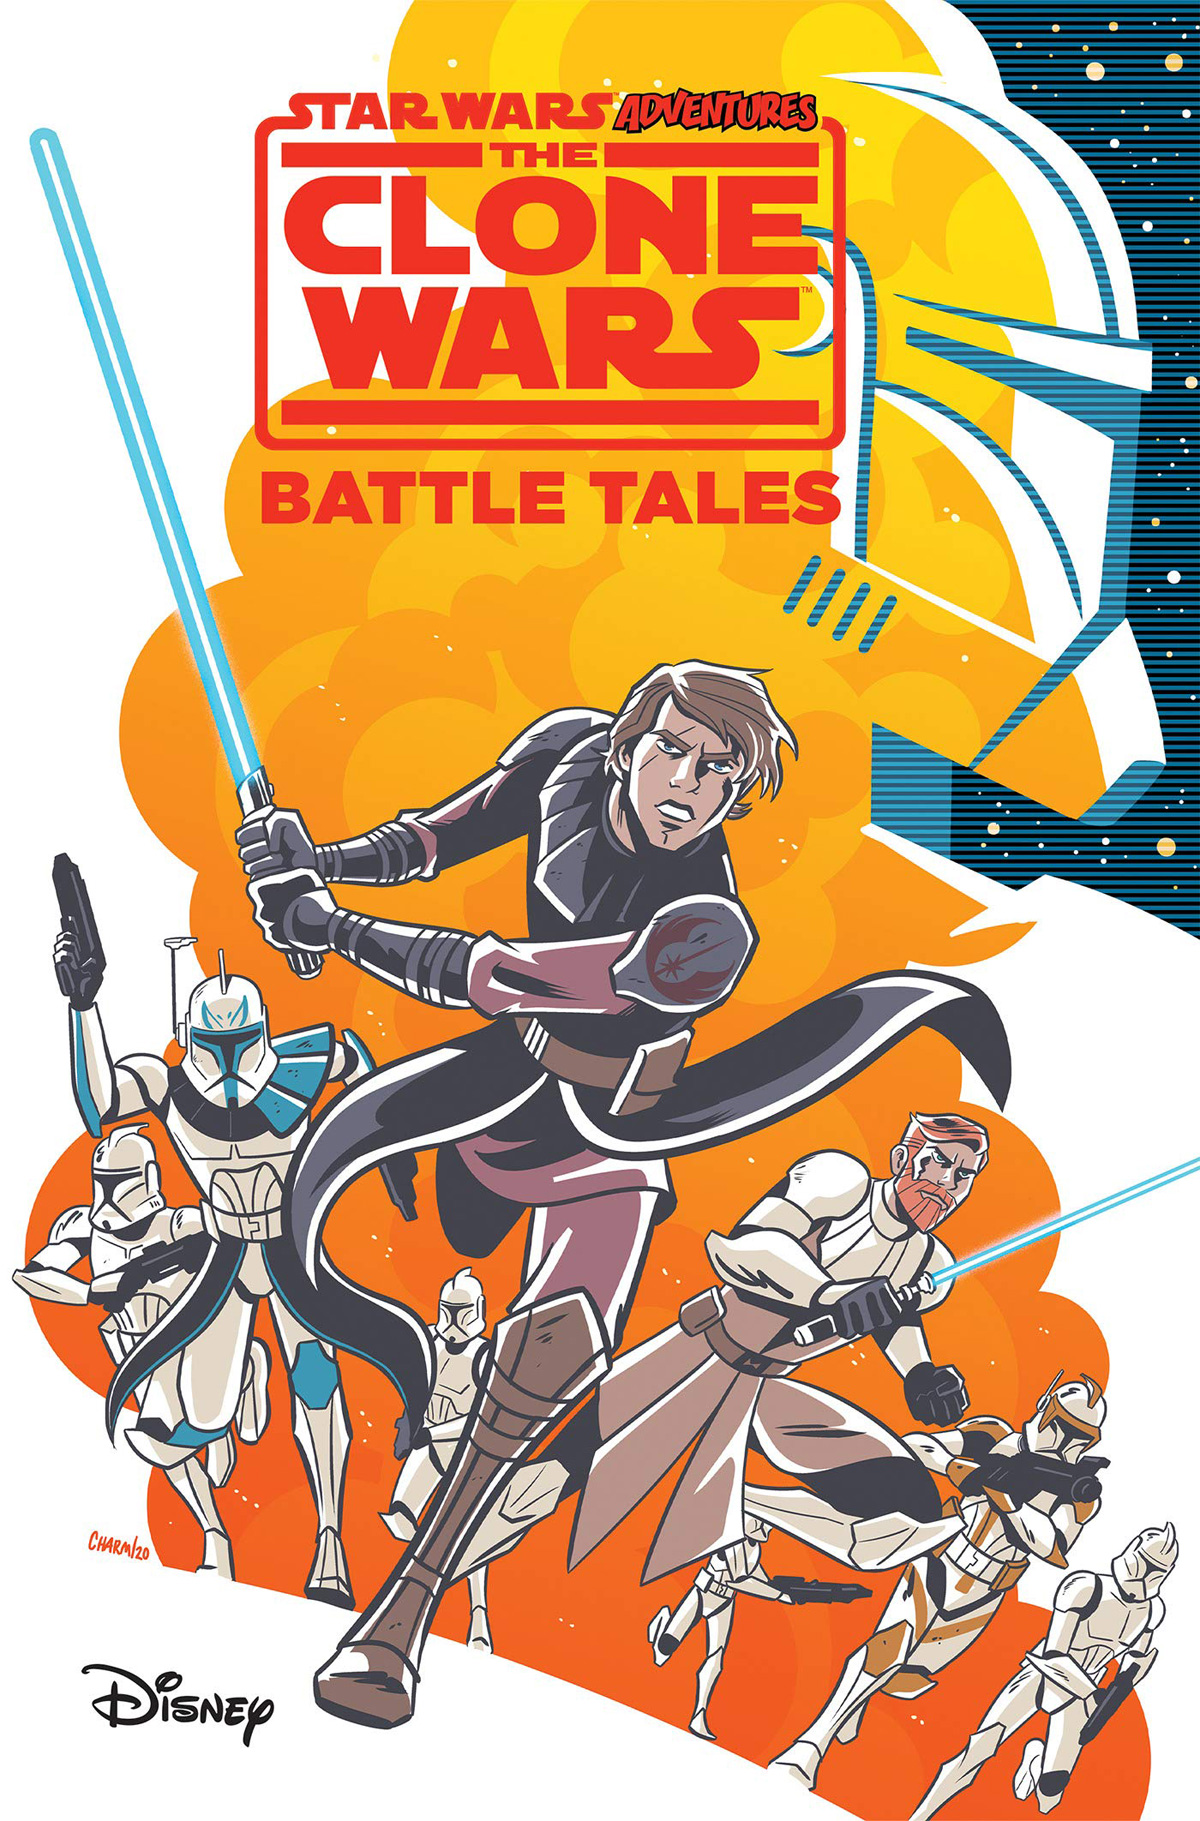 Star Wars Adventures: Clone Wars #1